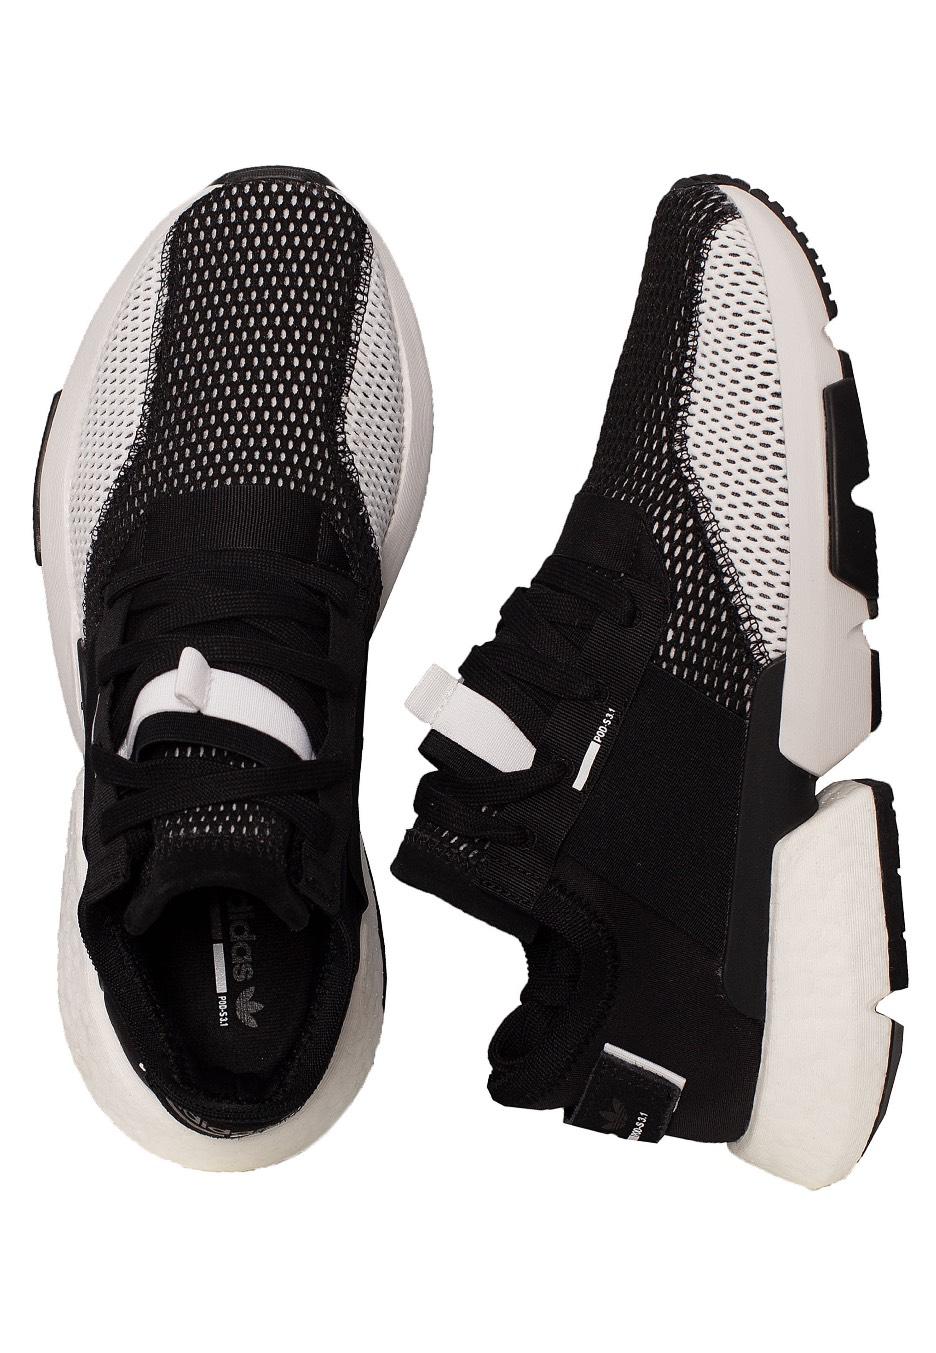 adidas POD S3.1 Ftw White Ftw White Core Black | Footshop